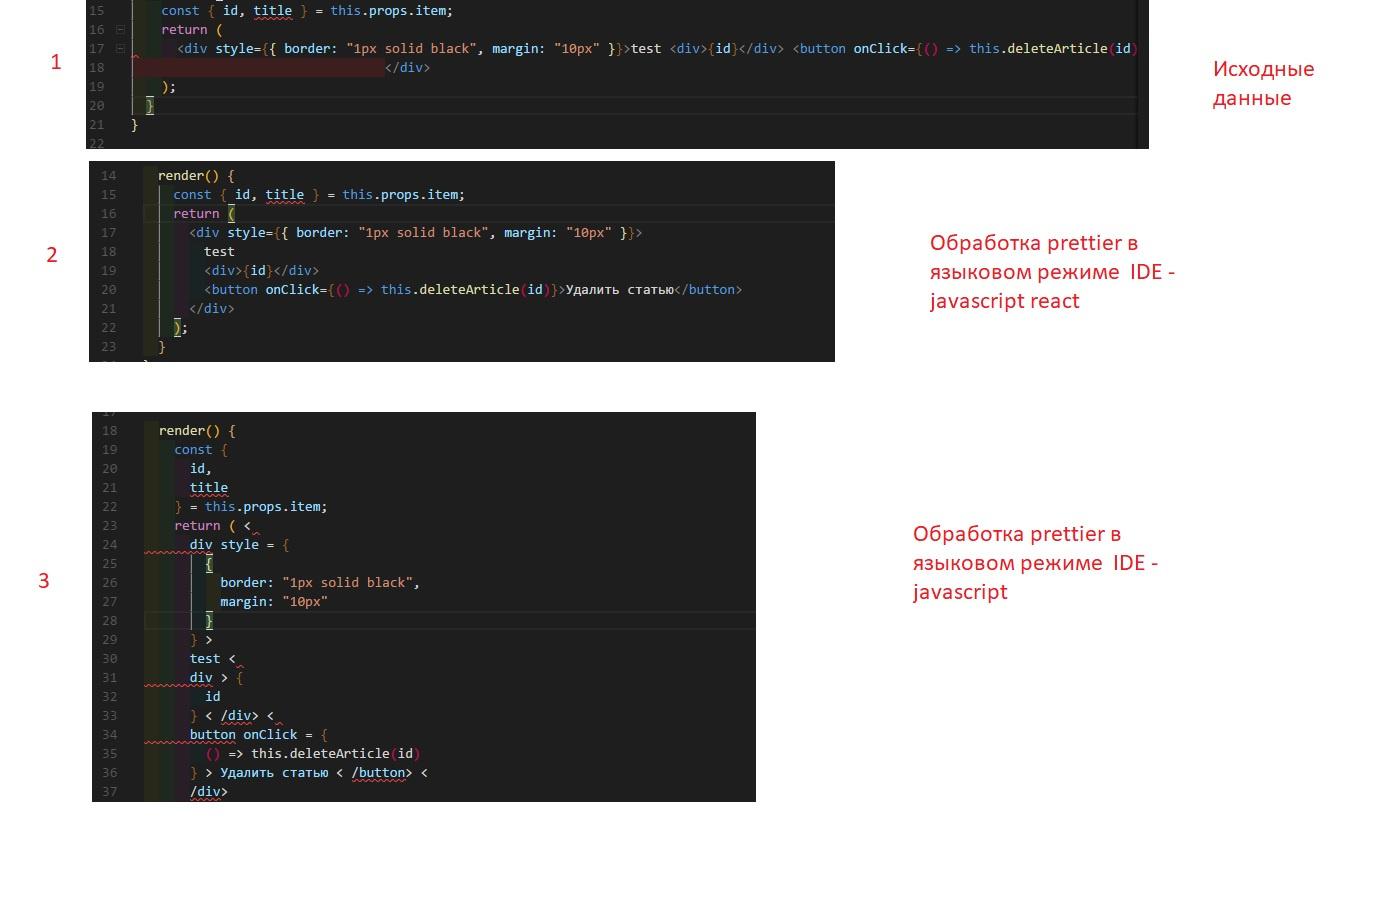 Как использовать JS файлы c prettier в react? — Toster ru